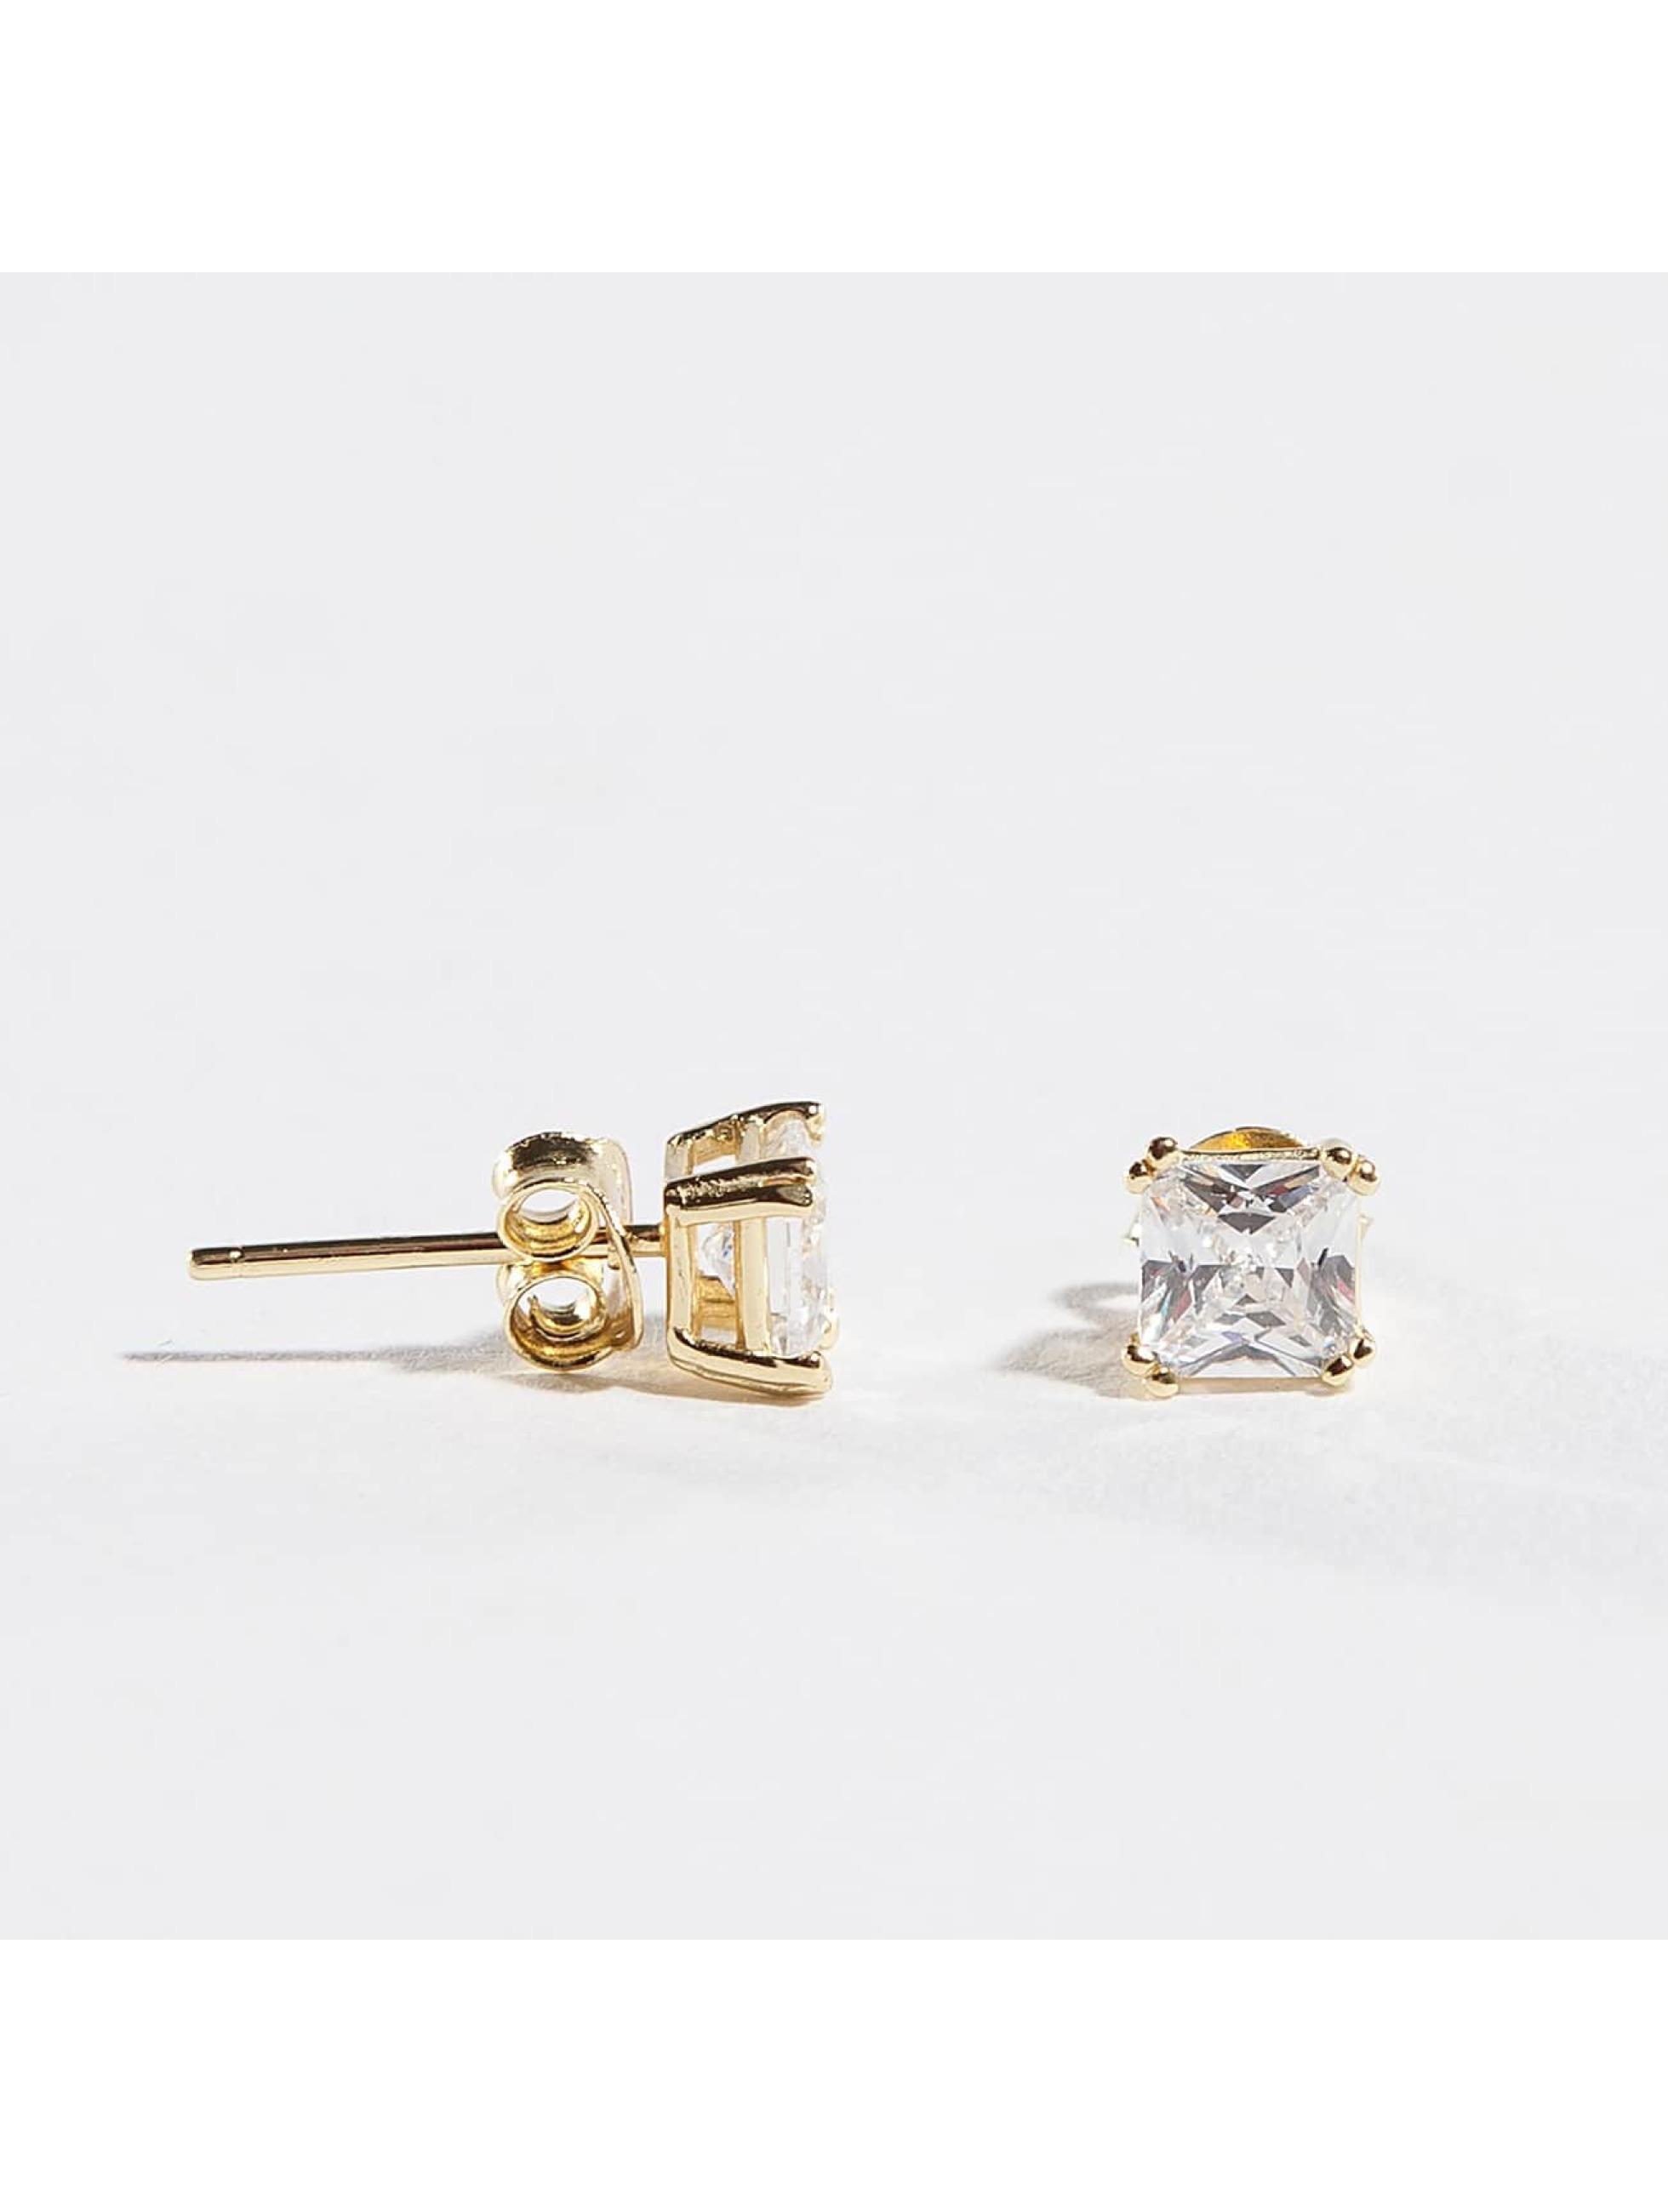 KING ICE Männer,Frauen Ohrringe 4mm 925 Sterling_Silver Princess Cut in goldfarben